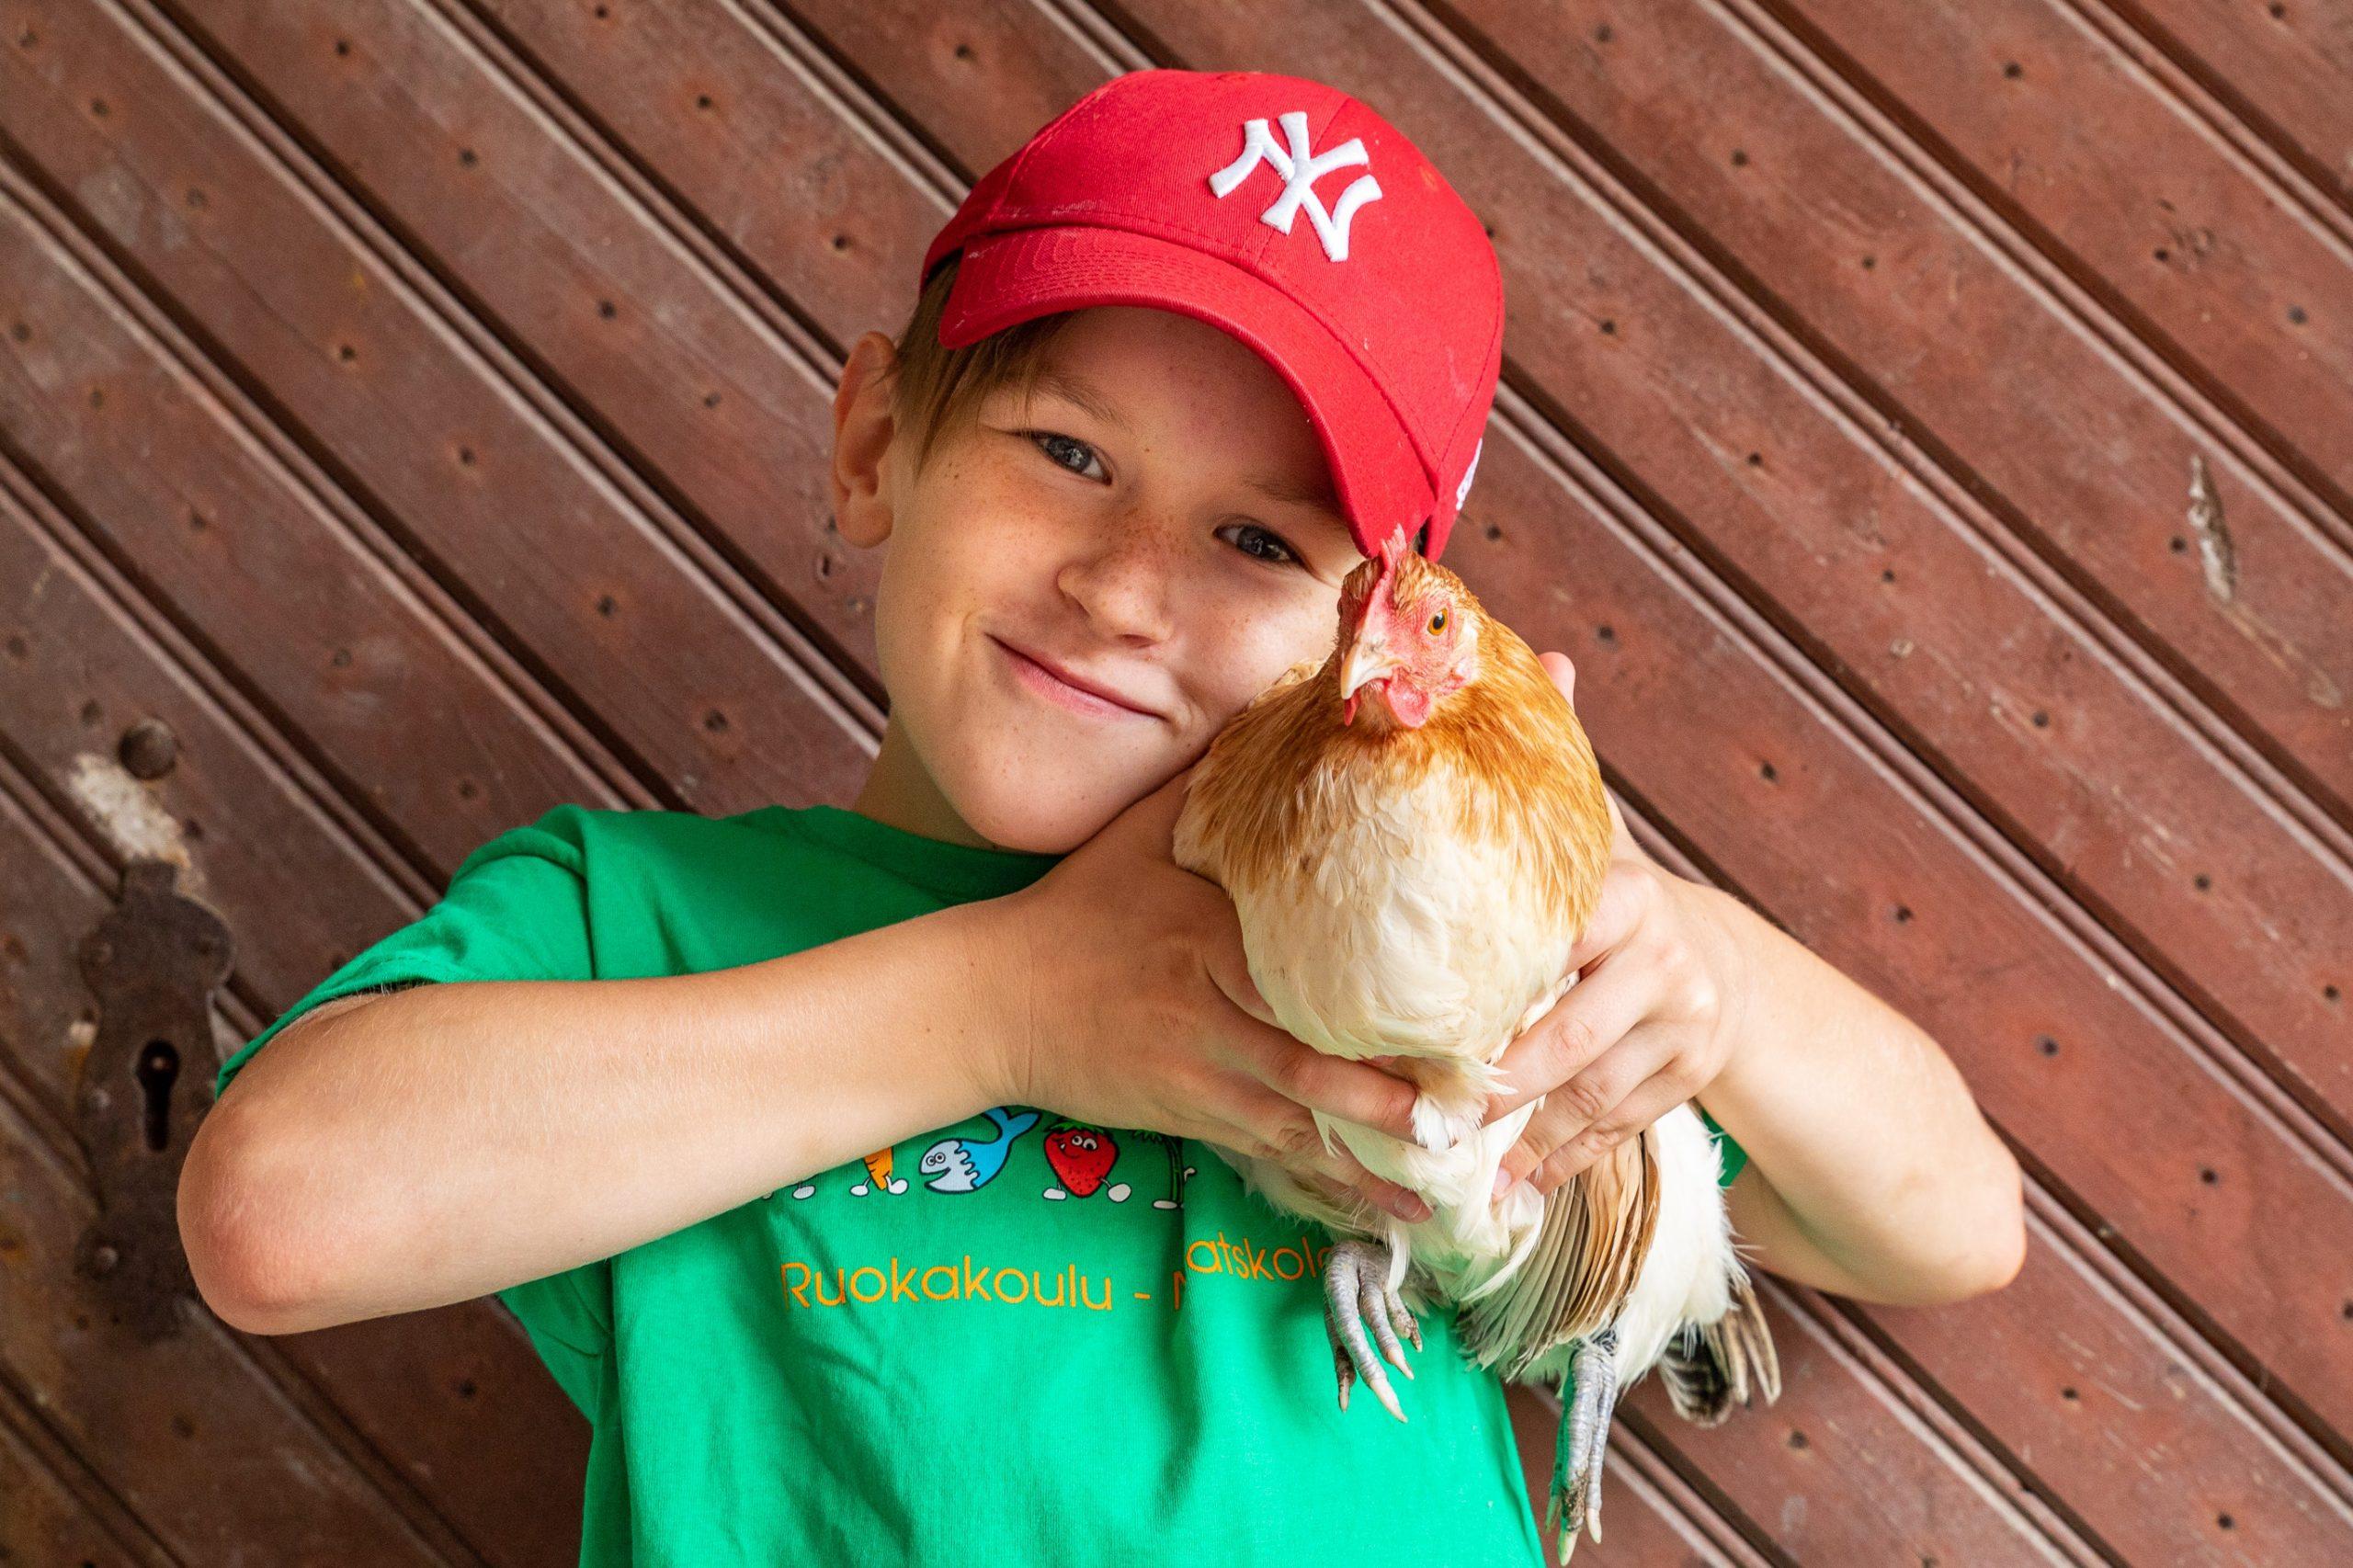 Sommarverksamhet för hundratals barn på 4H:s matskolor featured image